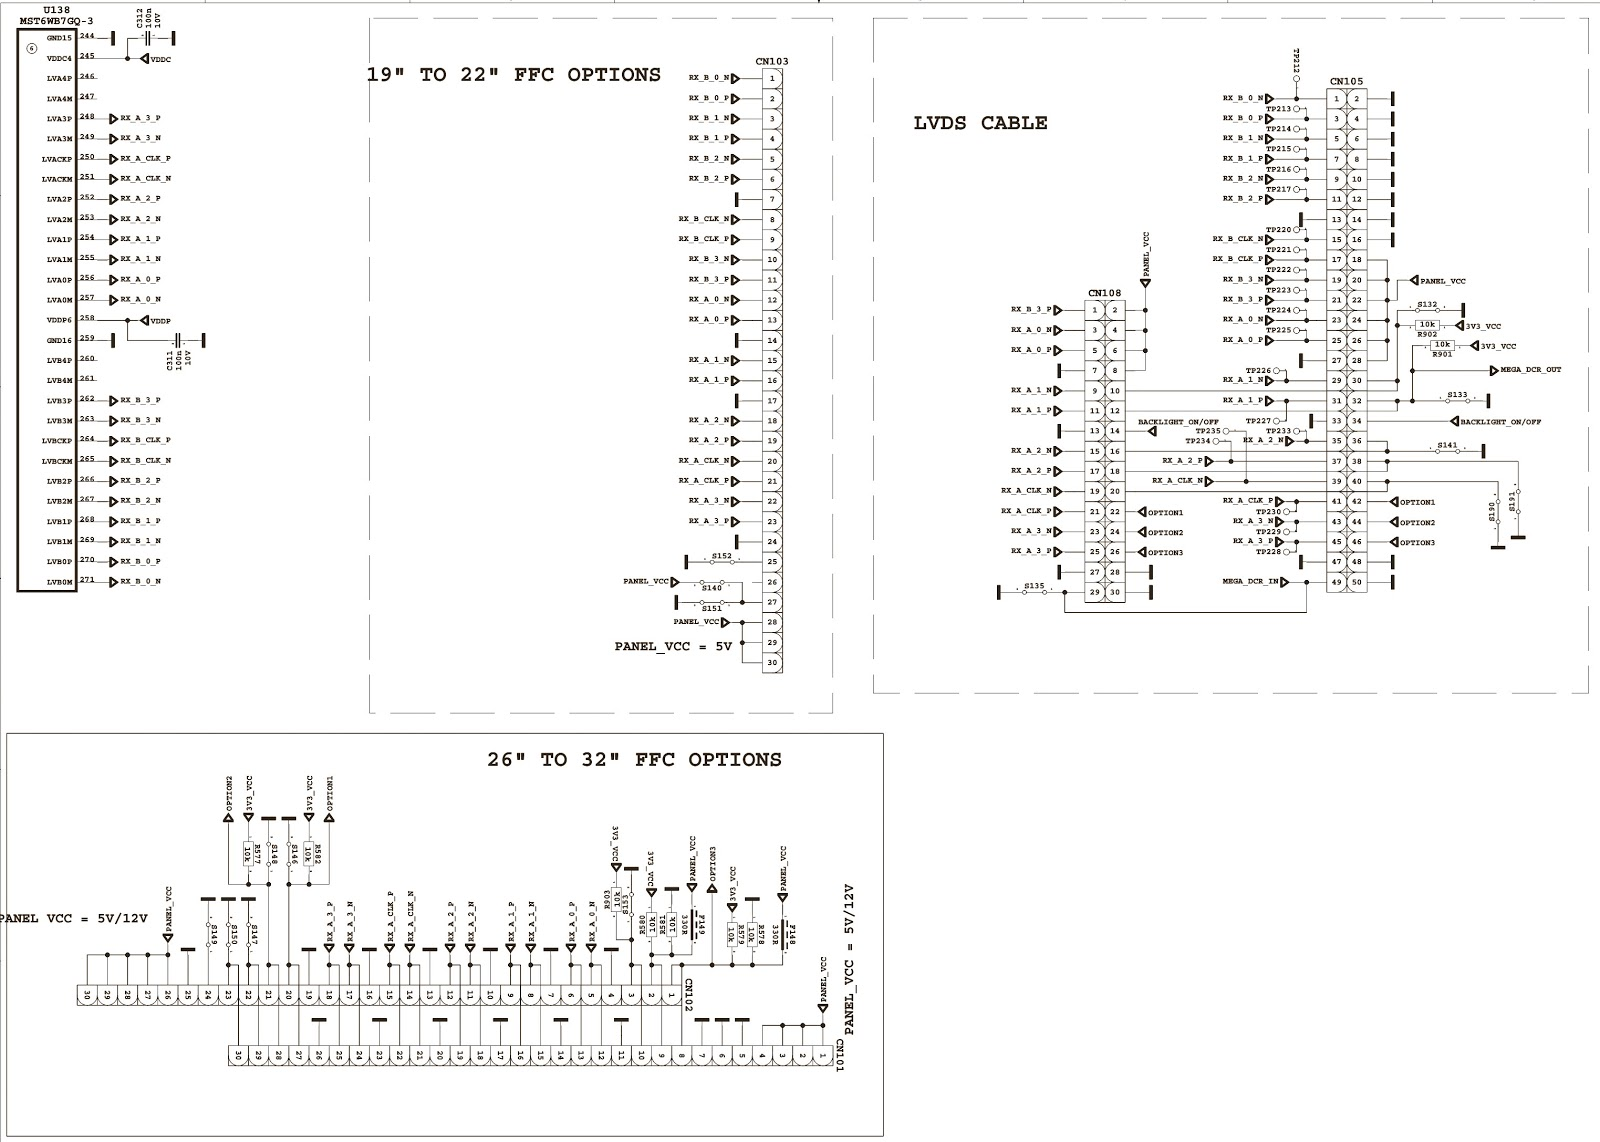 philips dvd player schematic diagram